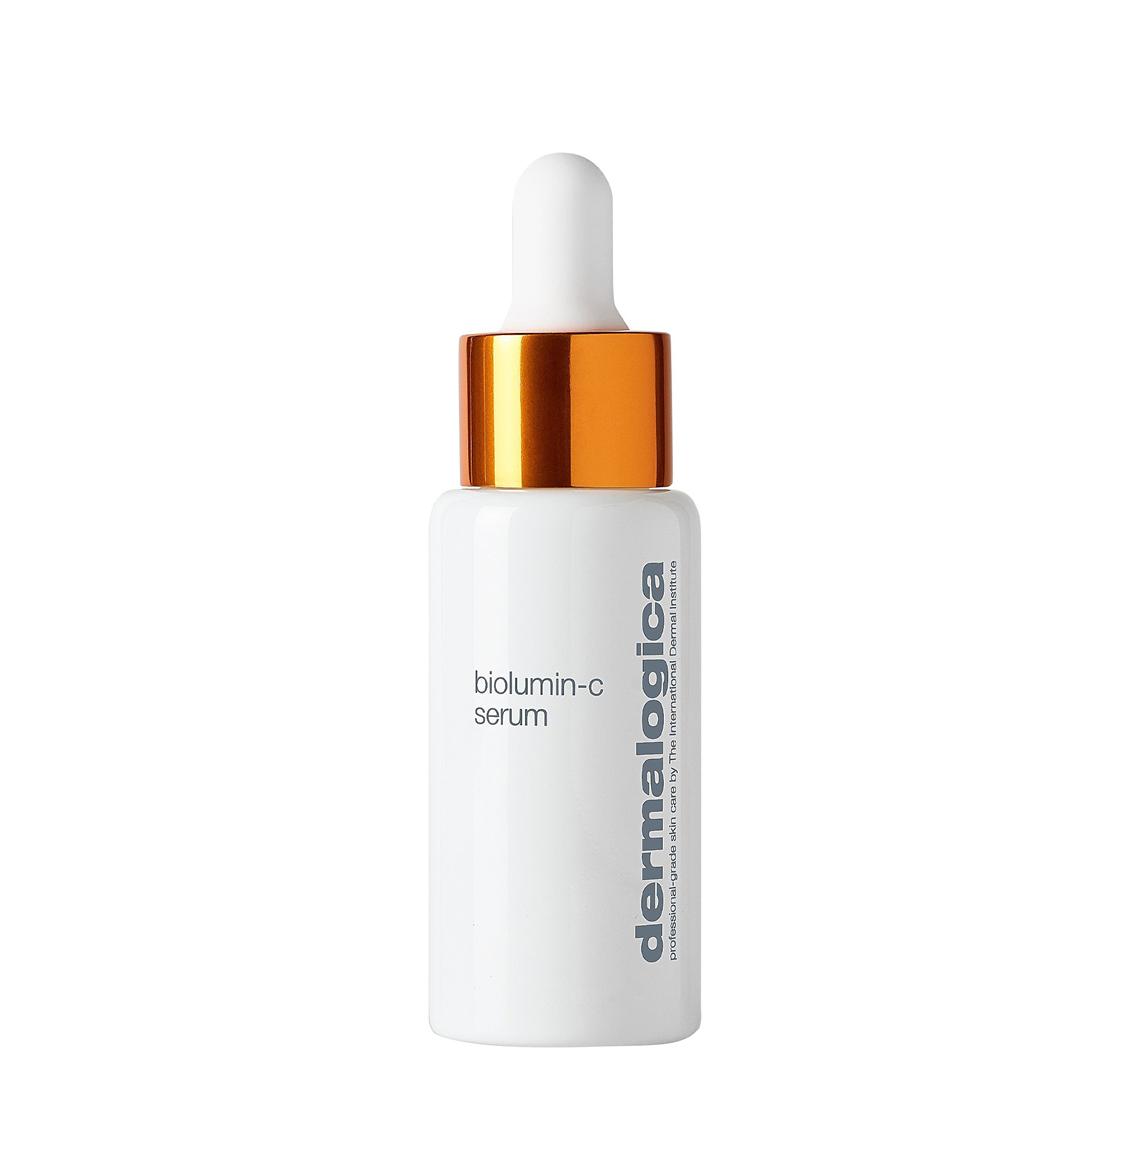 Dermalogica Biolumin-C Vtamin C Serum 30ml